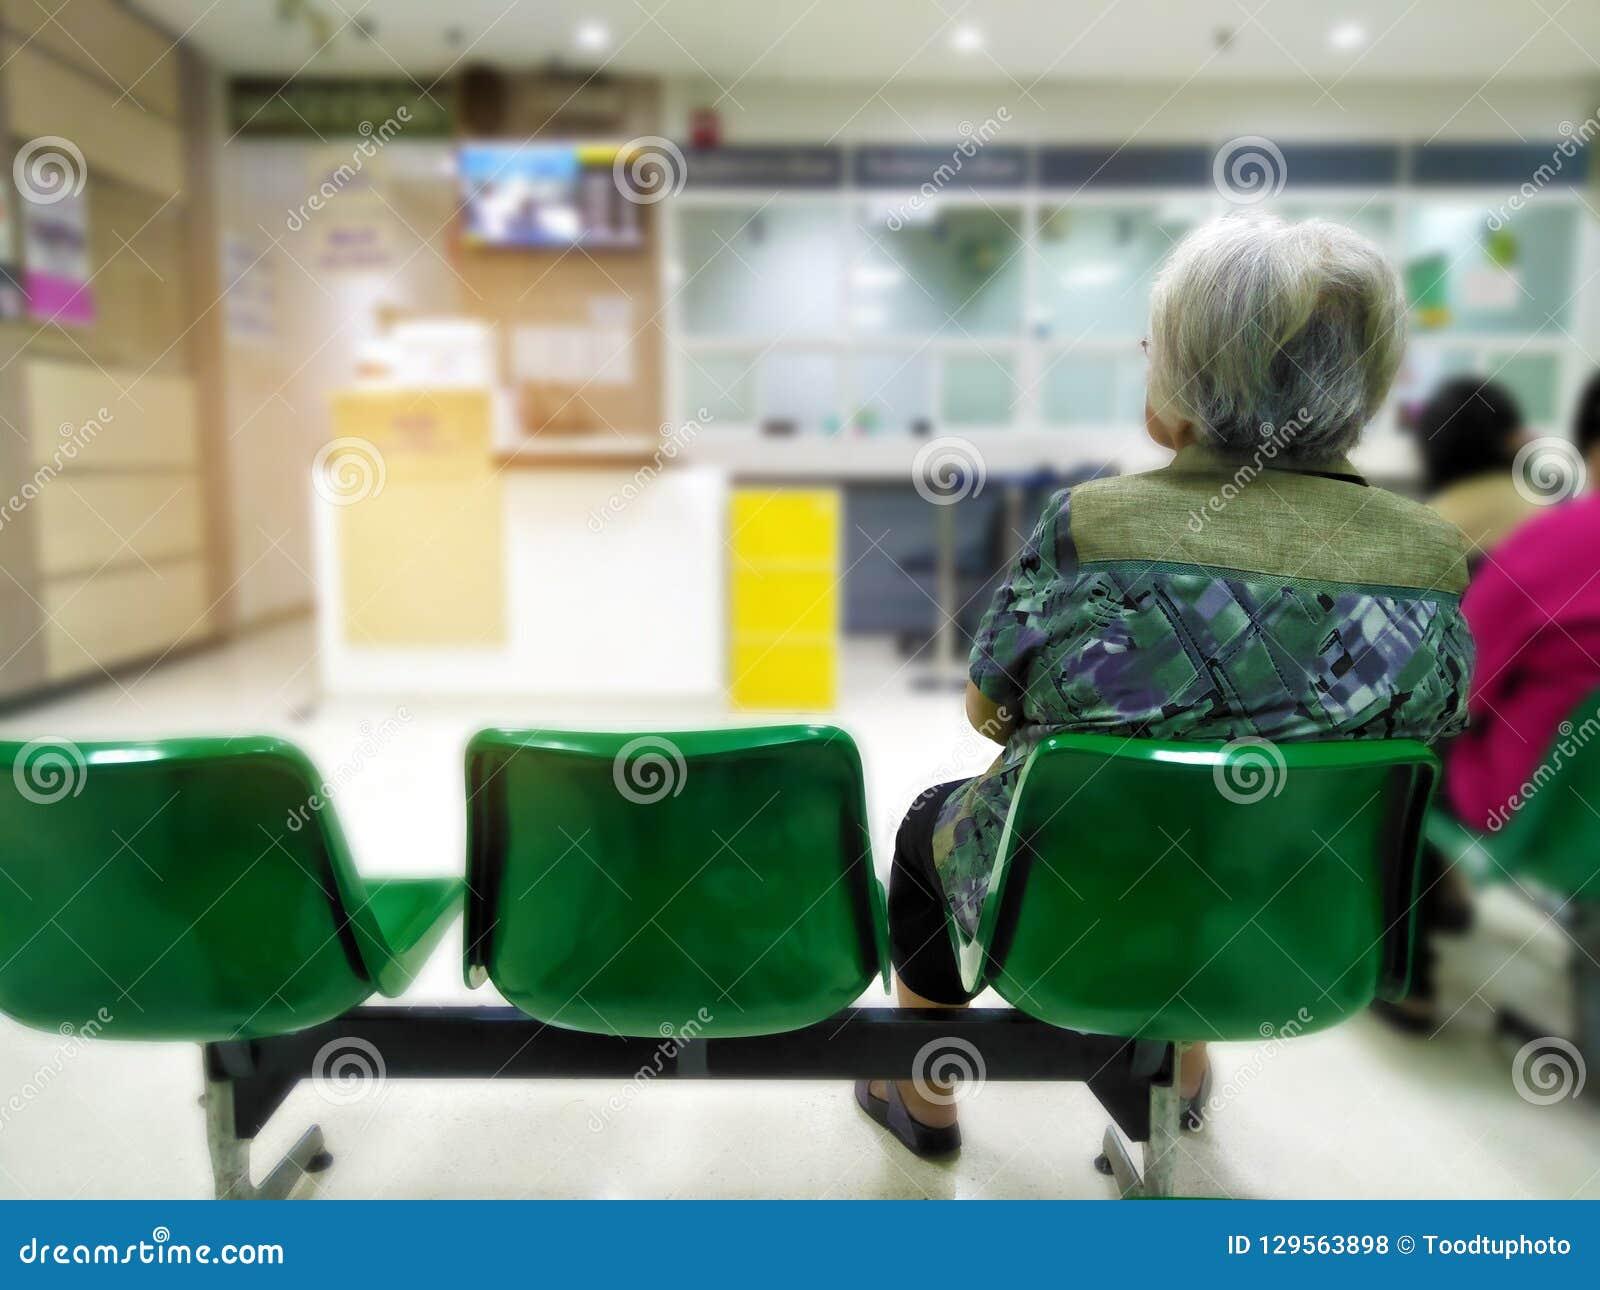 Stara kobieta siedzi na zielonym krzesła czekaniu medycznym szpital i usluga zdrowotna